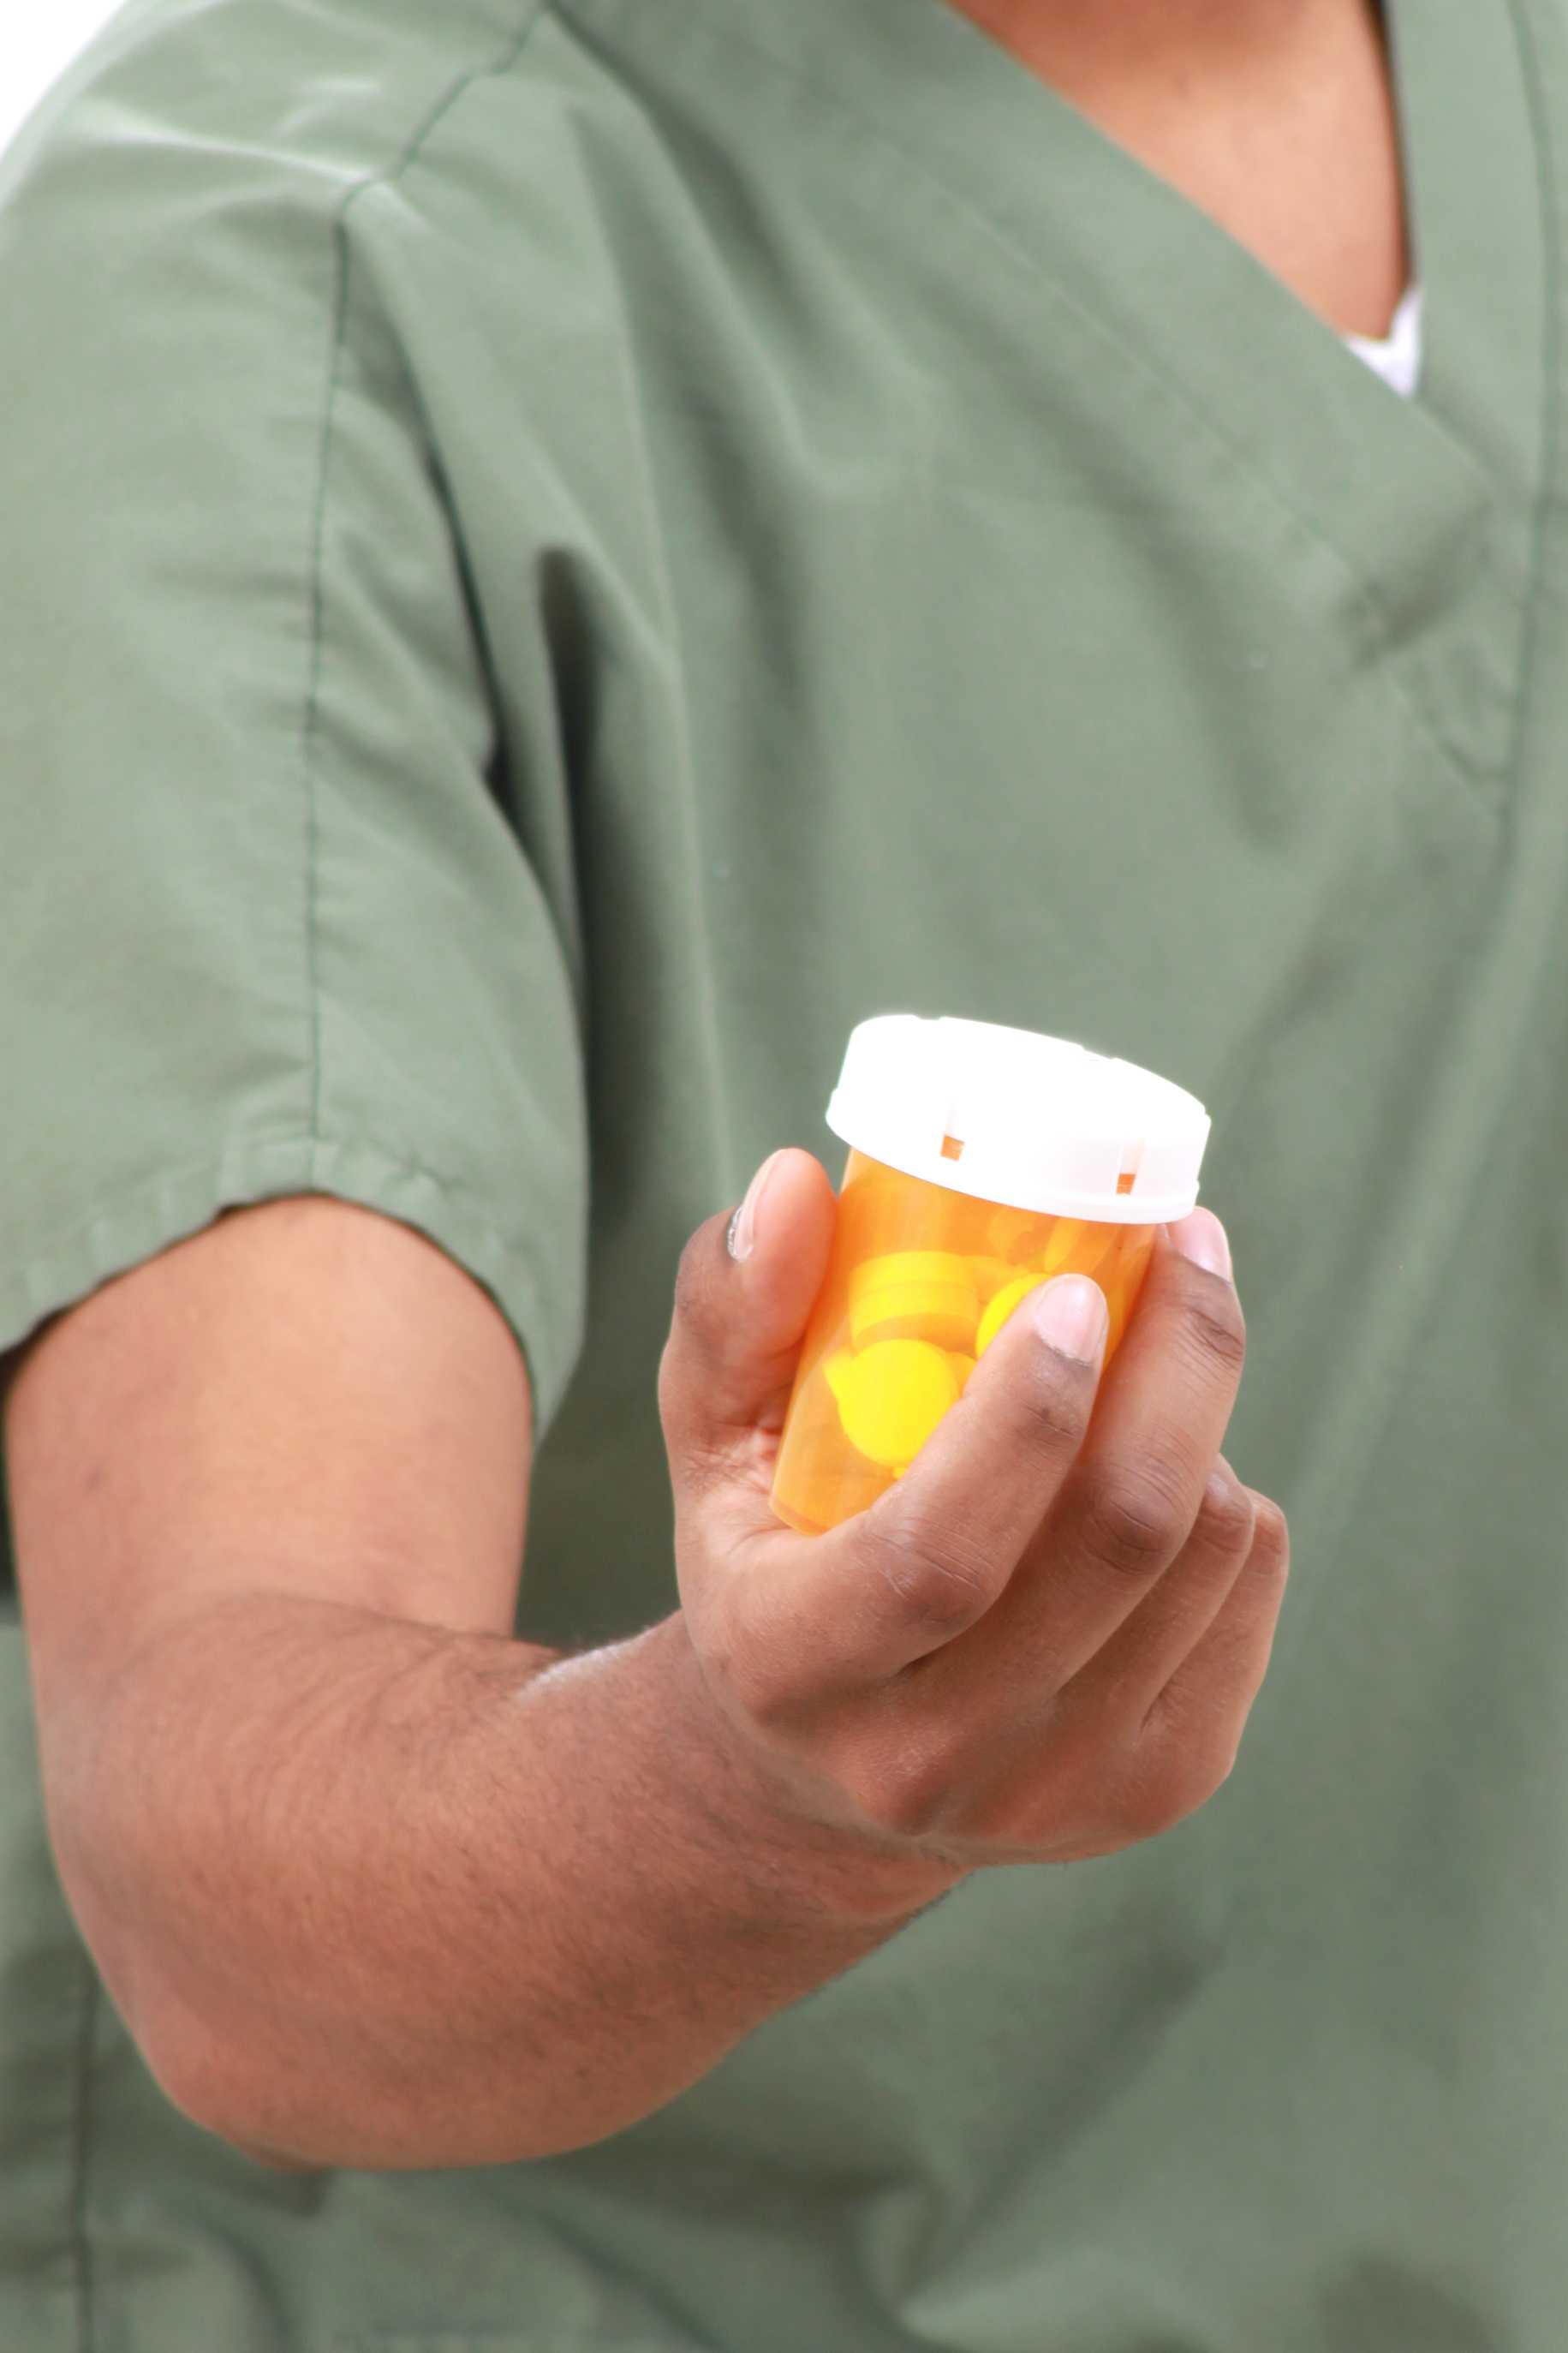 Nurse with medicine bottle in hand